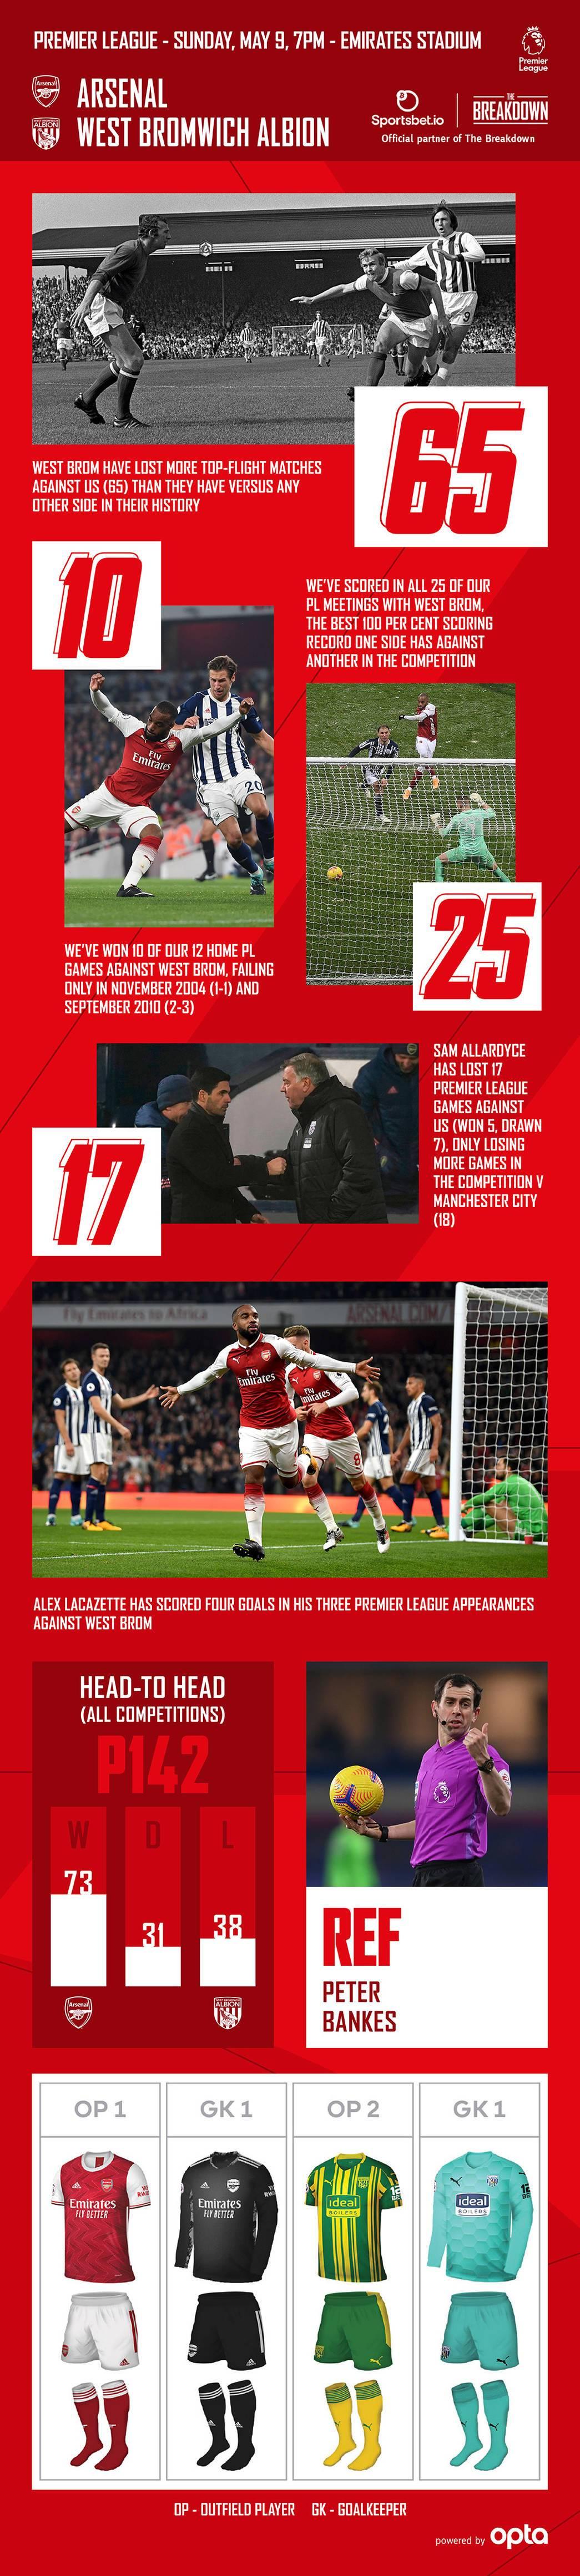 Arsenal Vs West Bromwich Albion Breakdown